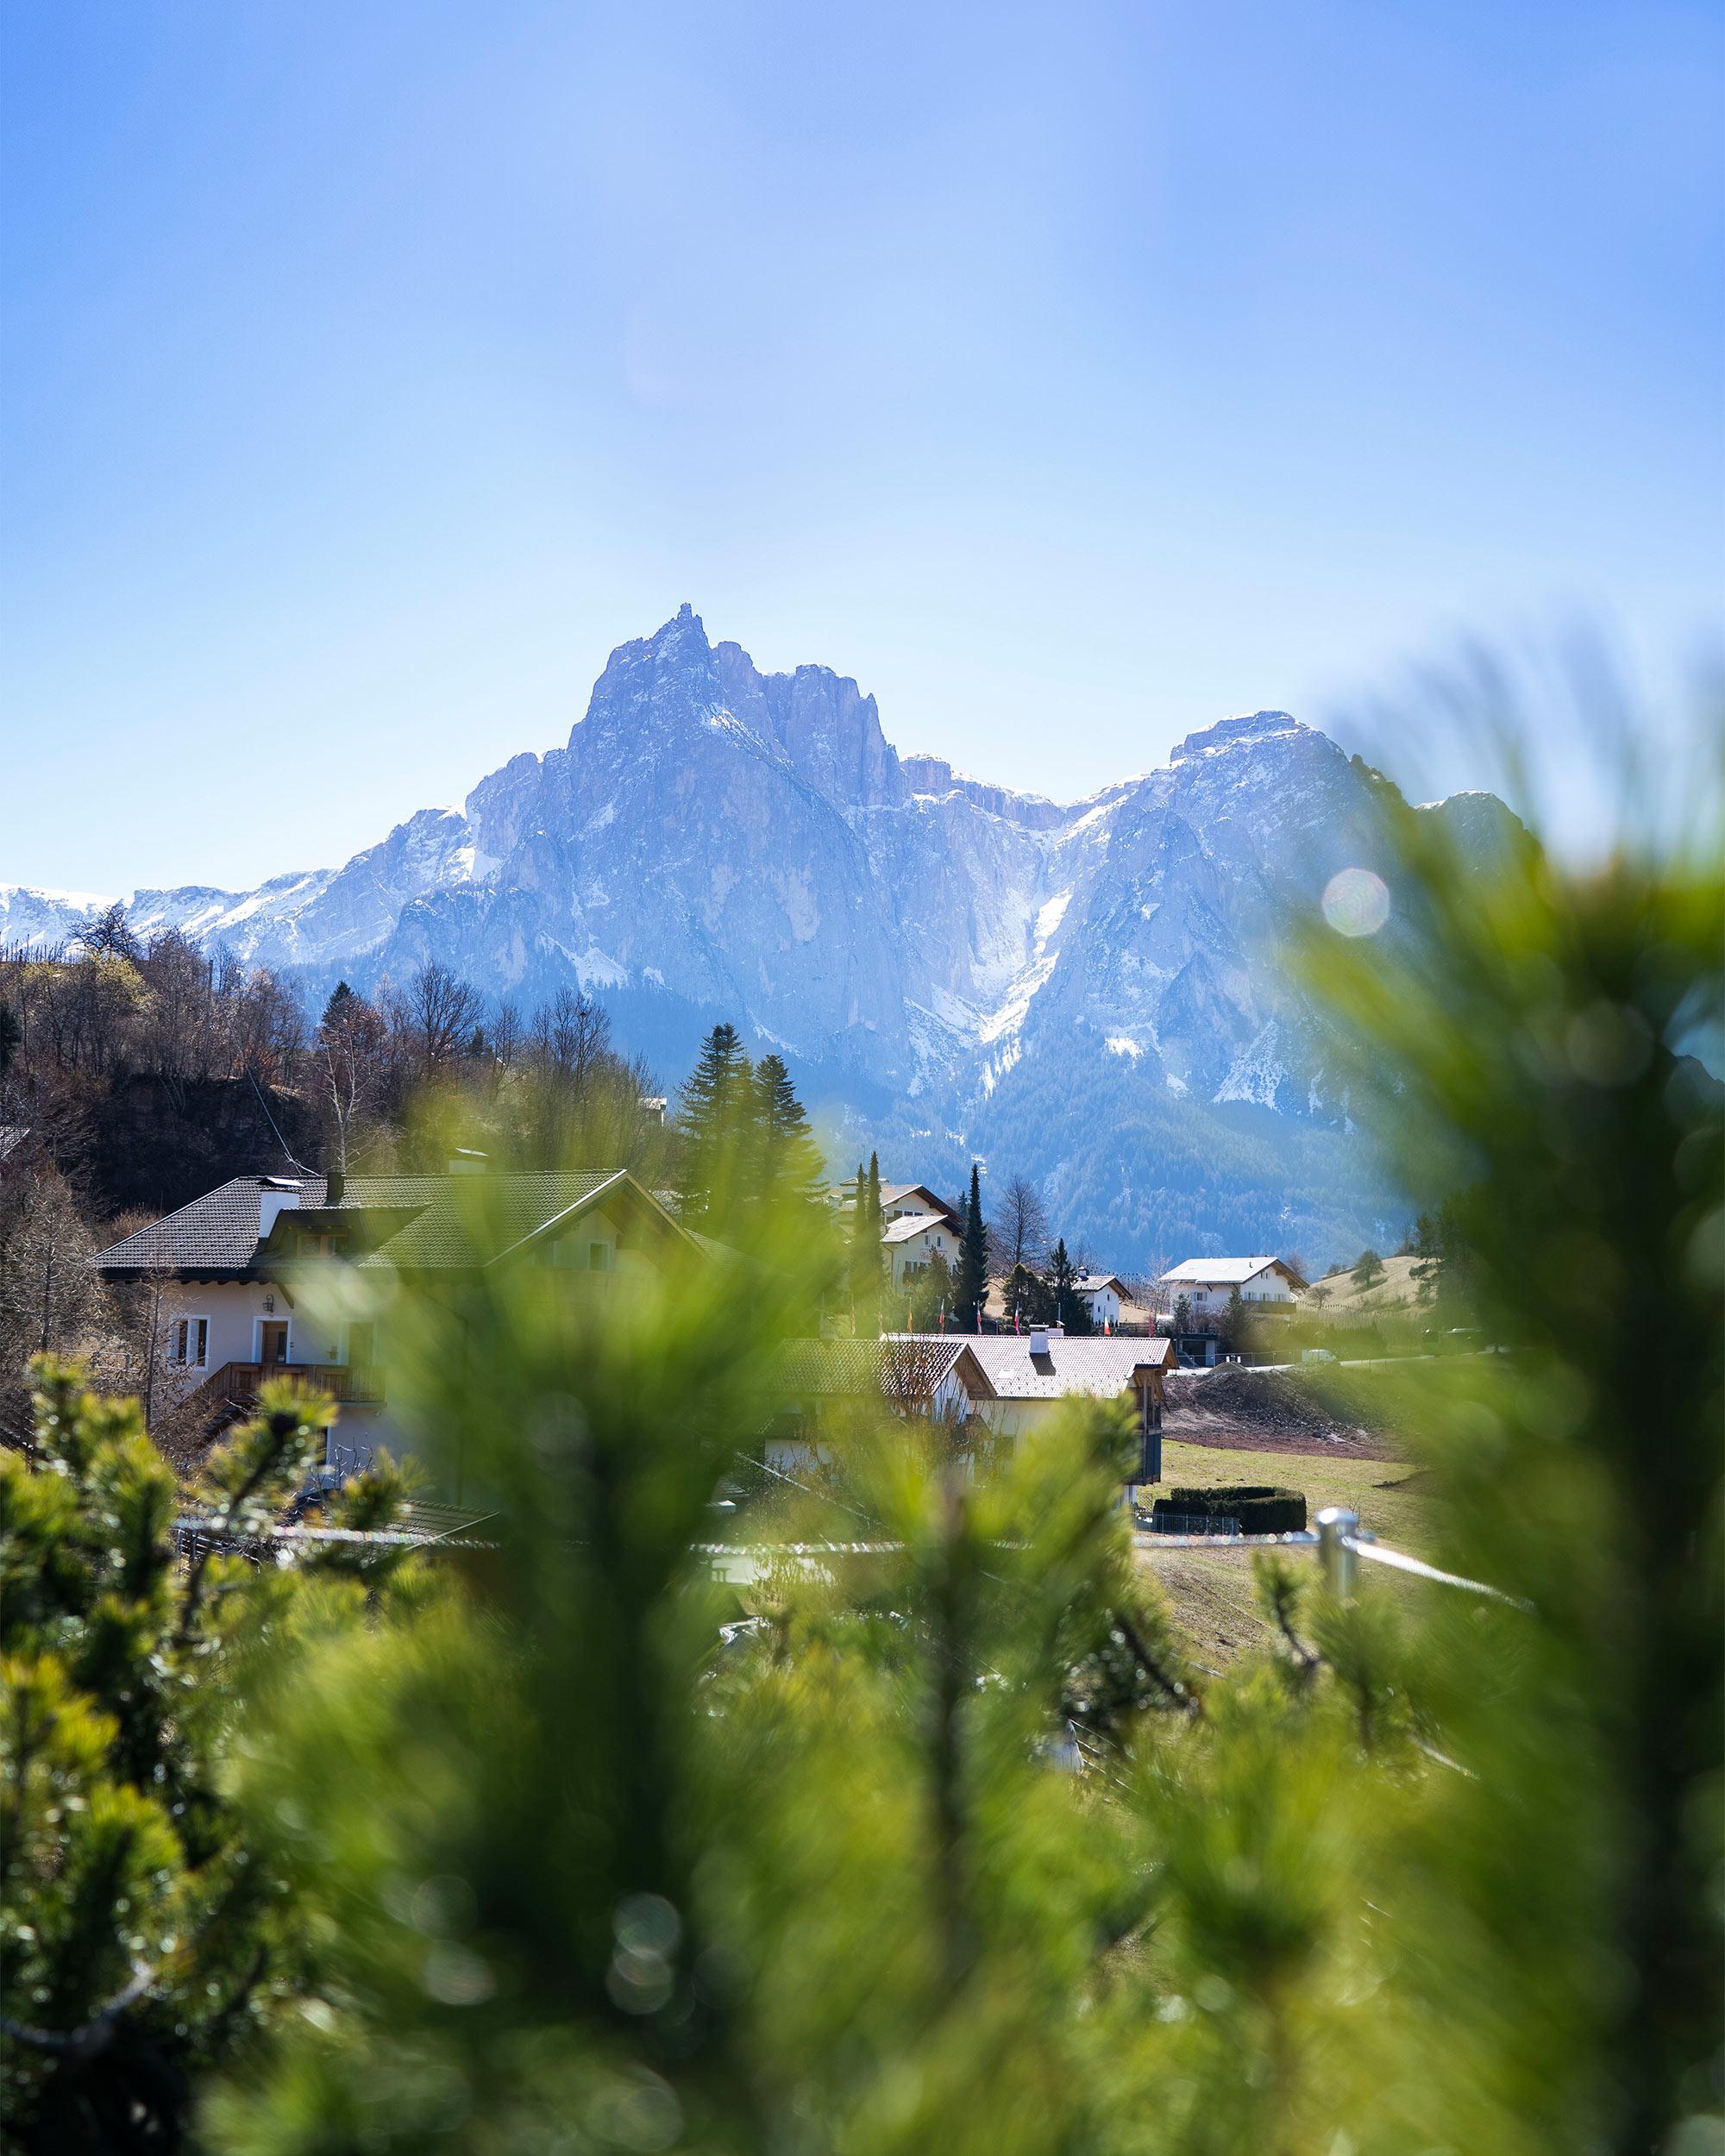 hotel_alpenflora_kastelruth_referenz_01